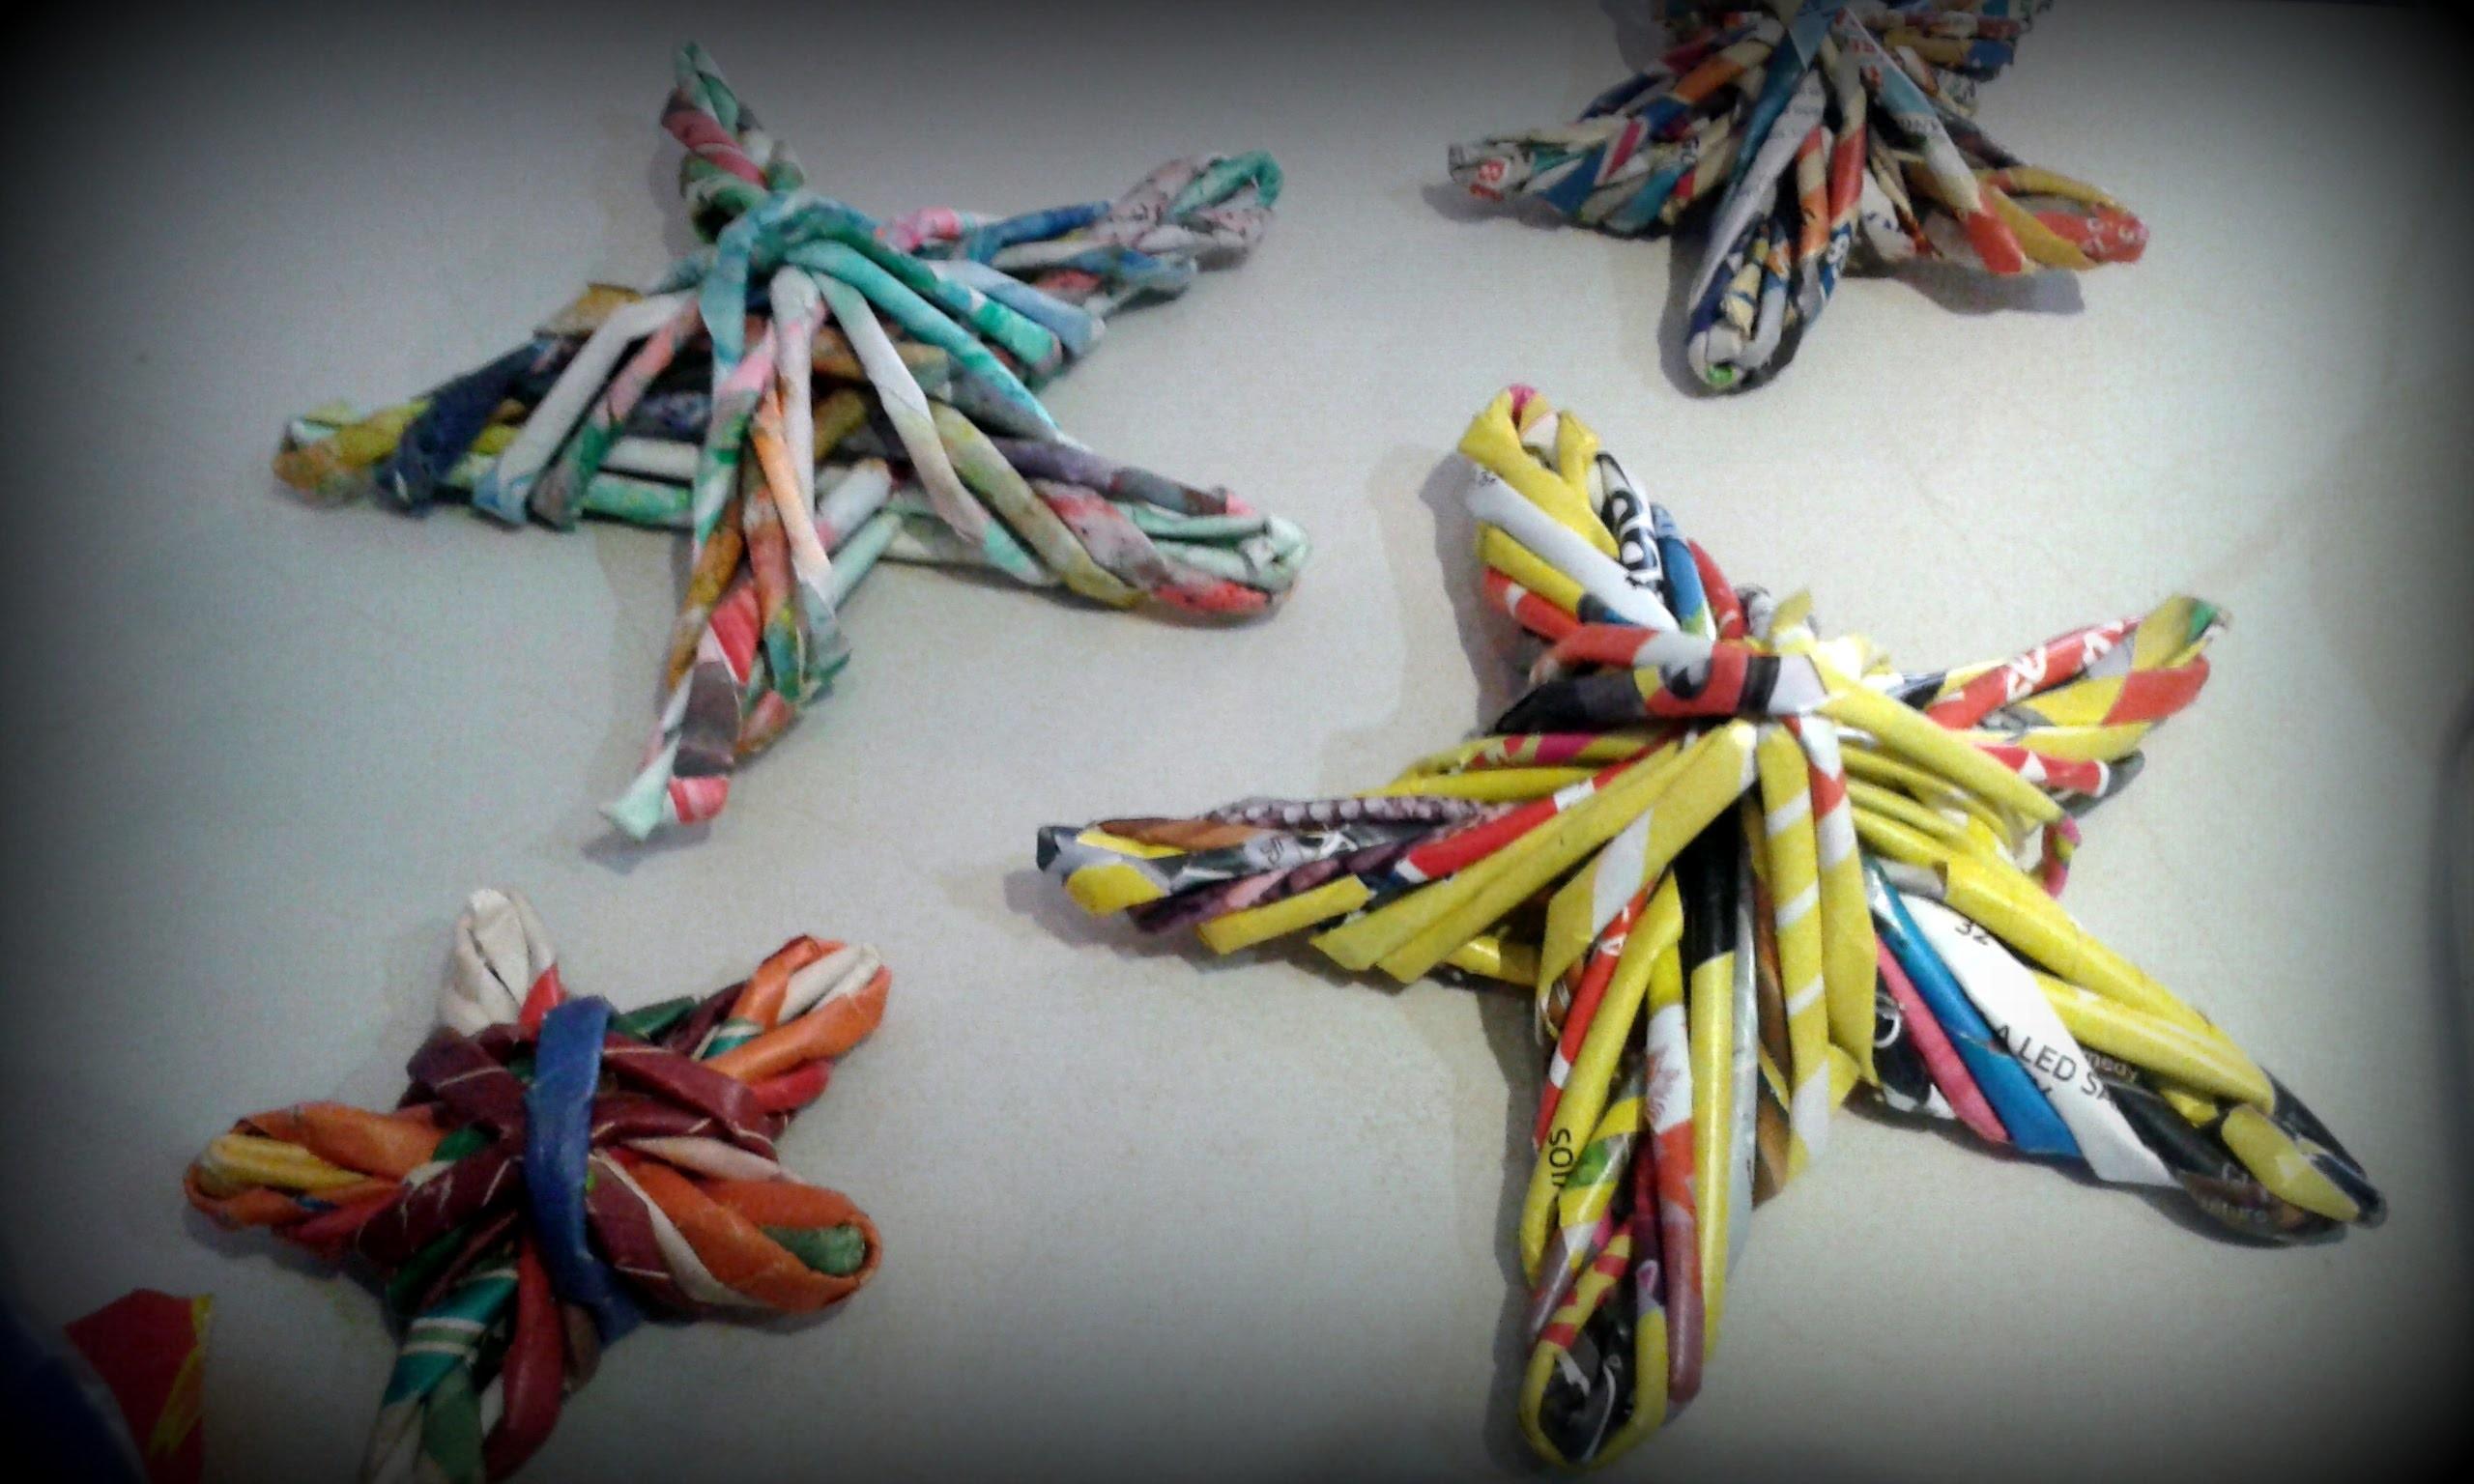 Decoracion facil rapido economico reutilizando papel para navidad estrella navideña de belem paso a